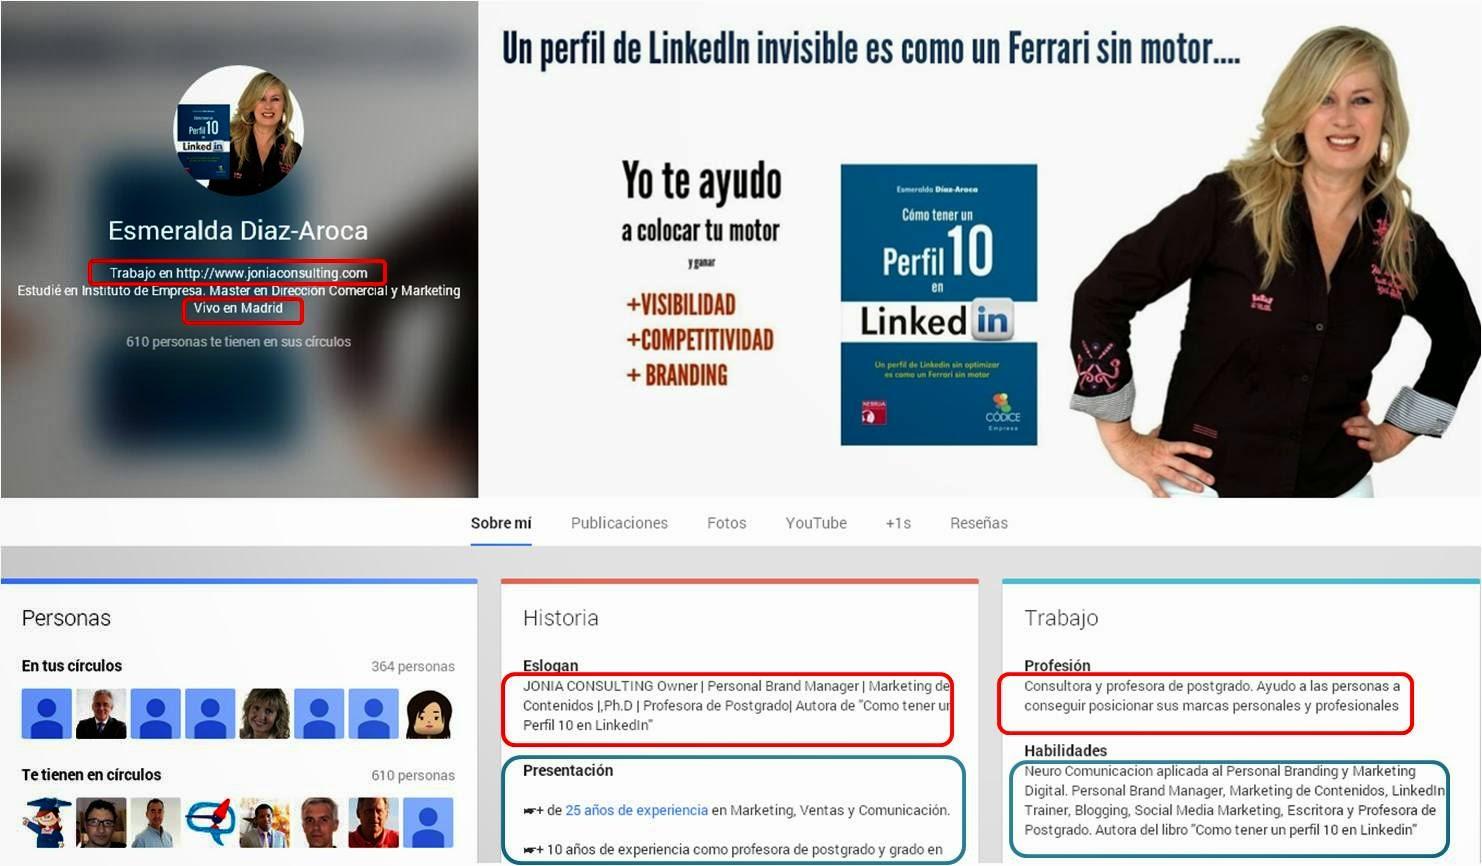 Perfil de Google Plus y secciones que forman parte del SERP. Esmeralda Diaz-Aroca